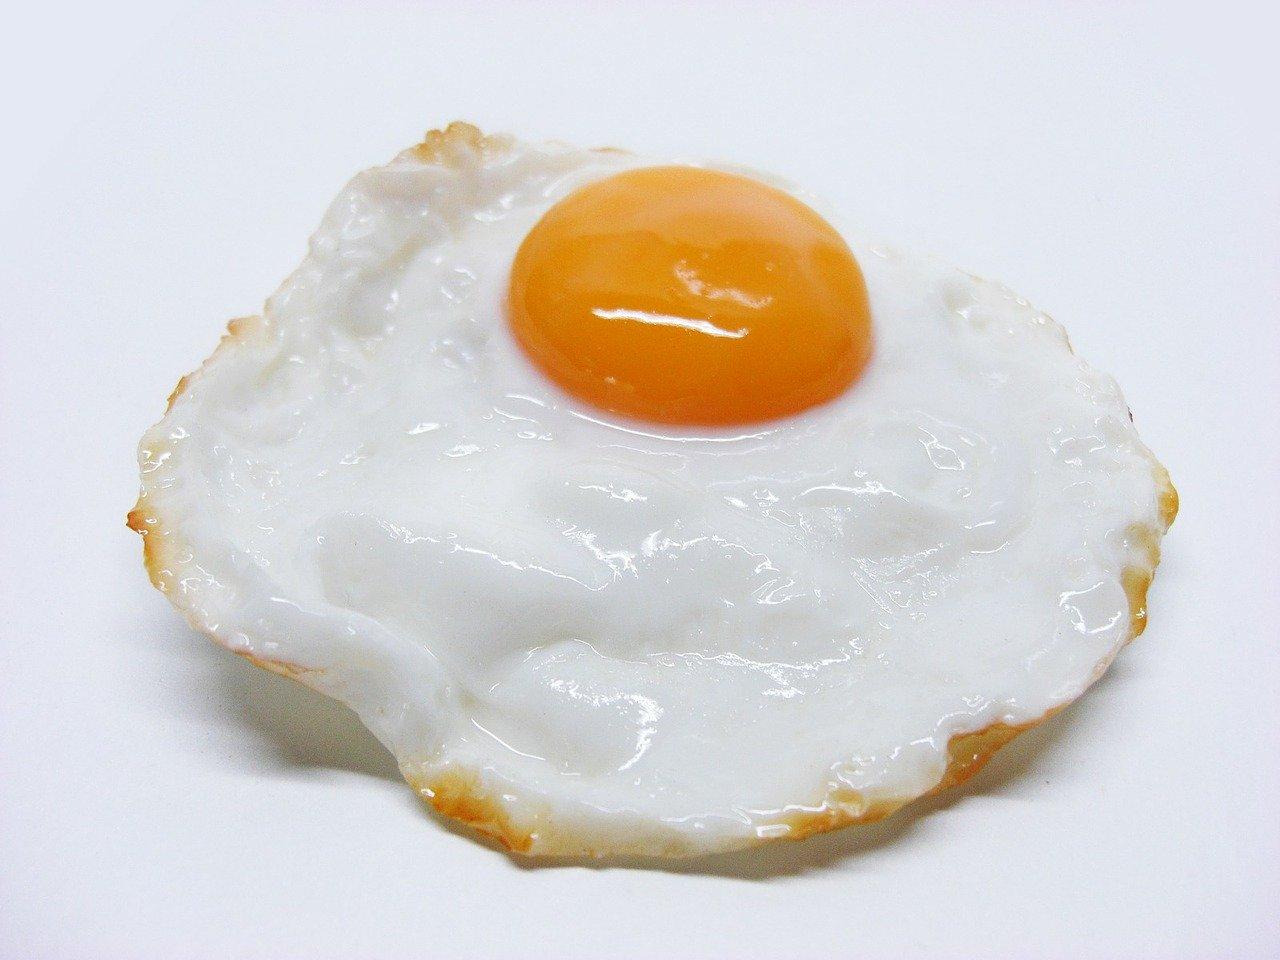 日本媽媽Etoni擅長製作卡通造型的餐點,既好看又美味。圖為一般的煎蛋,與本文無關。(Pixabay)